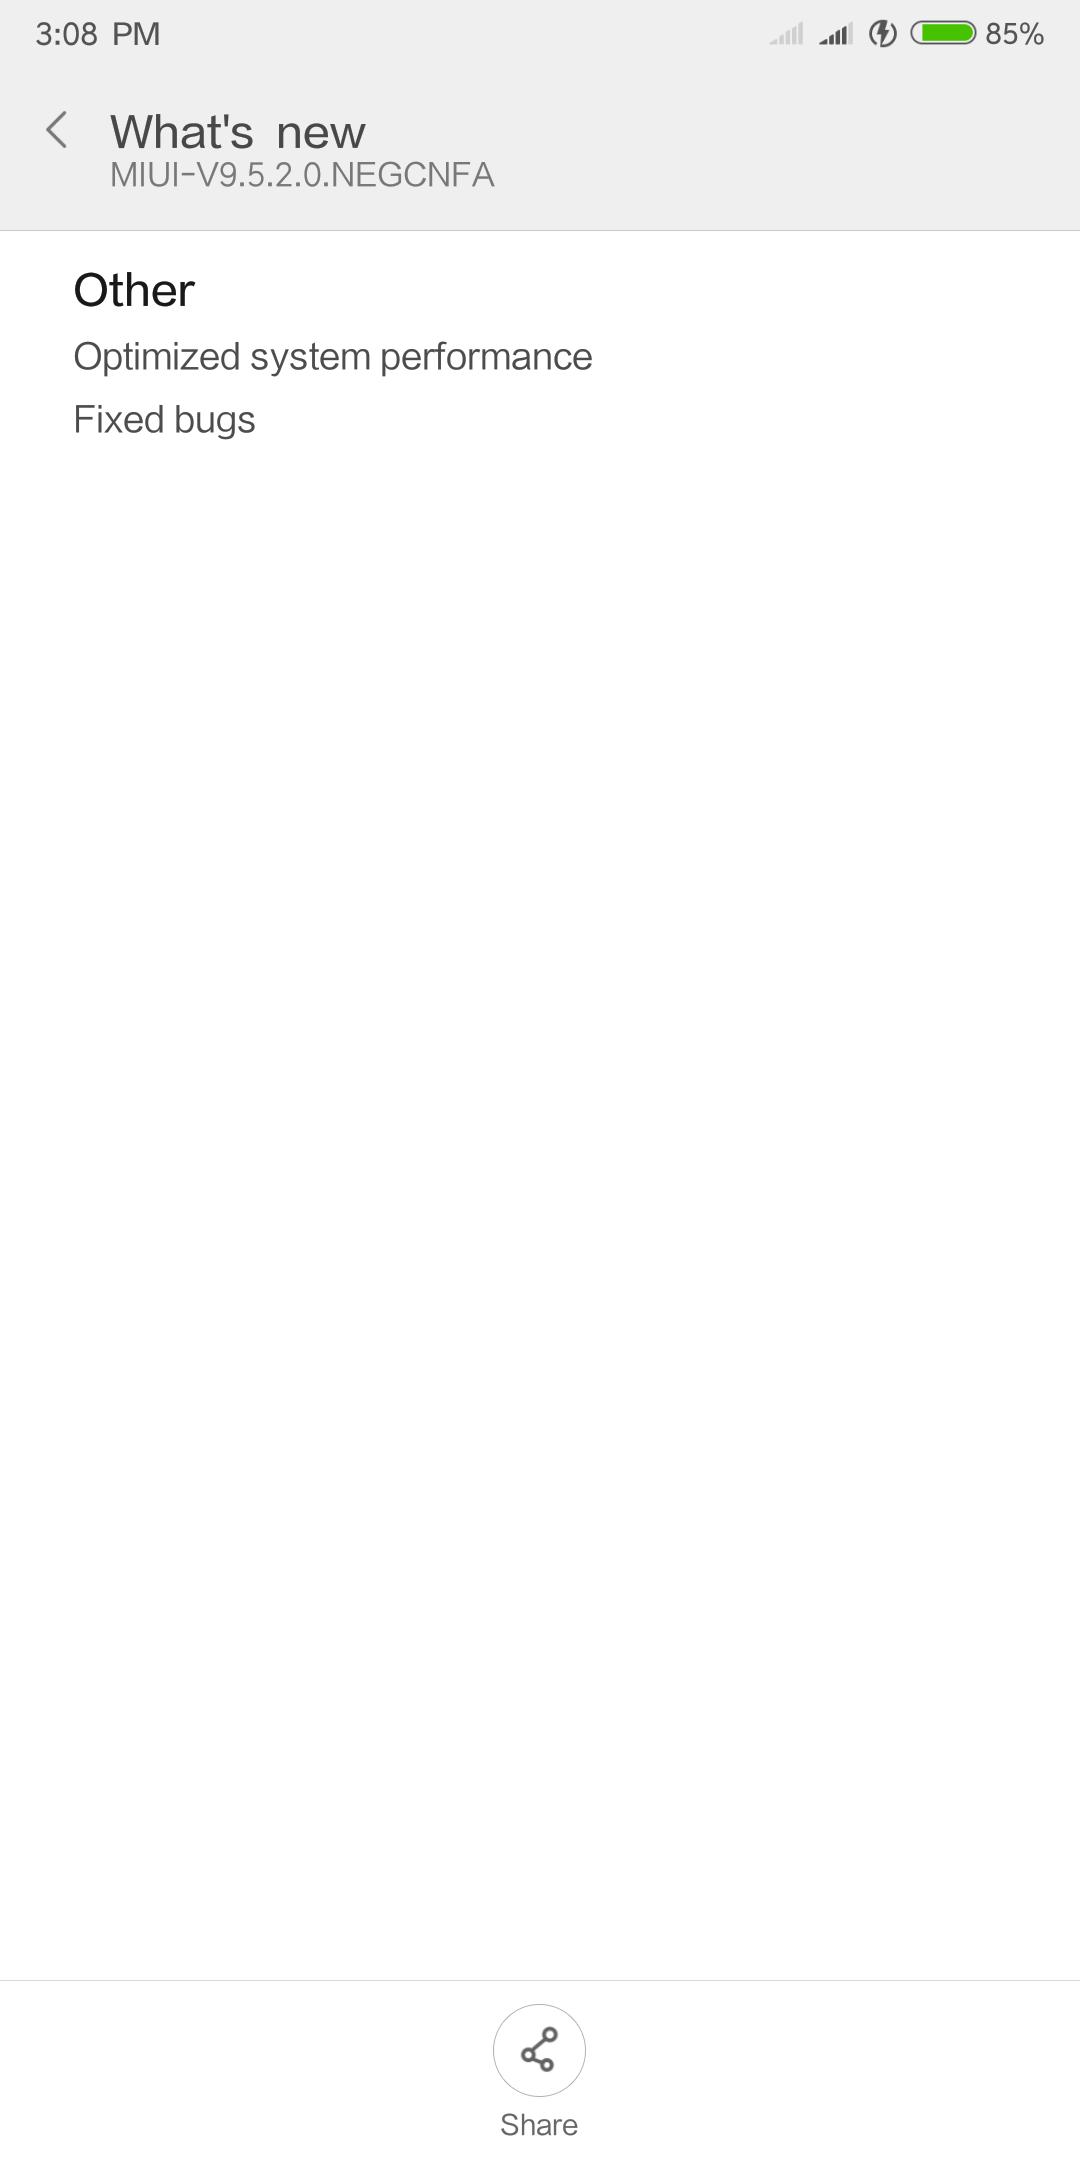 Redmi 5 plus receive a new update